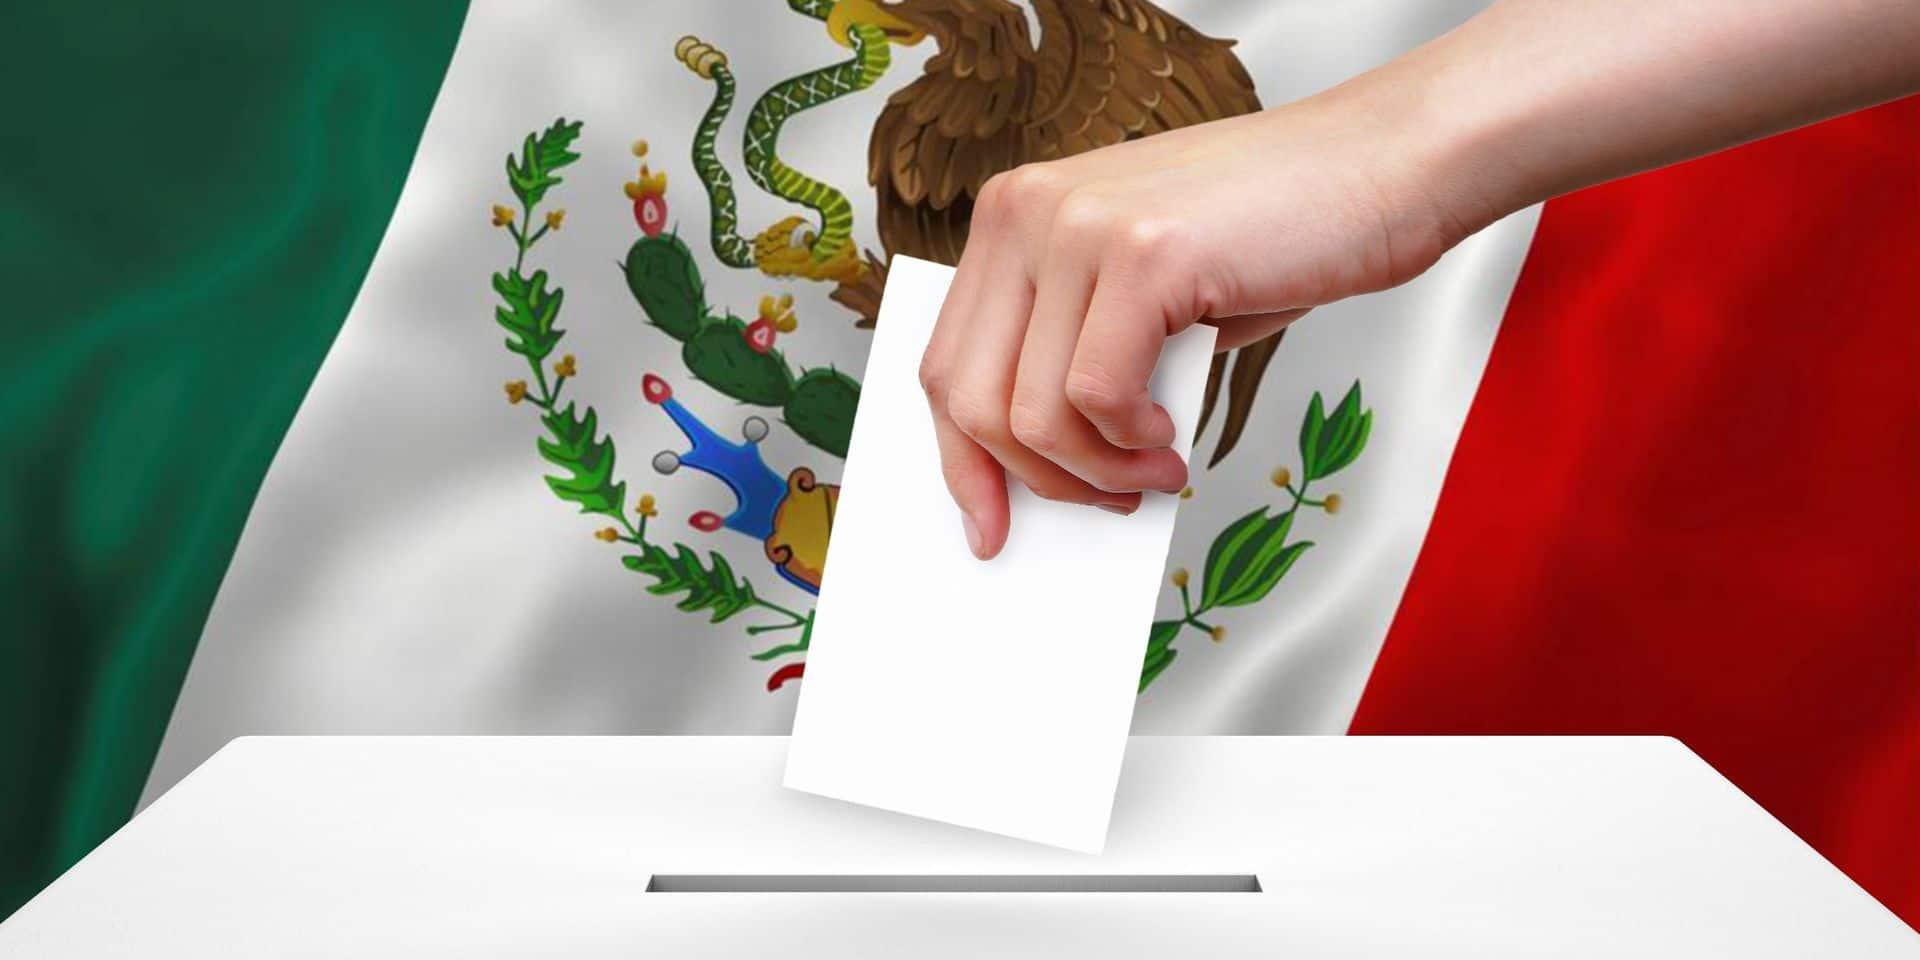 Des élections géantes se préparent au Mexique: des amateurs bas de gamme face à des professionnels infréquentables